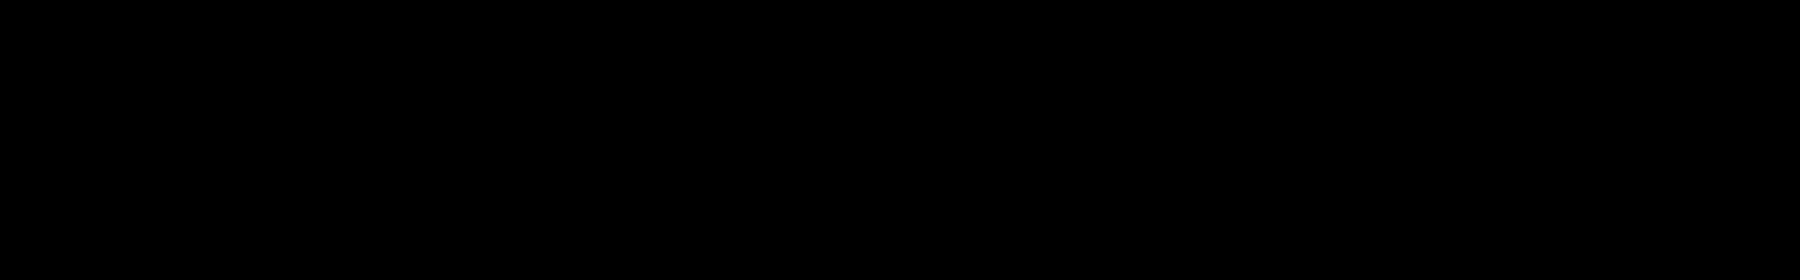 SoulFi Melodies audio waveform